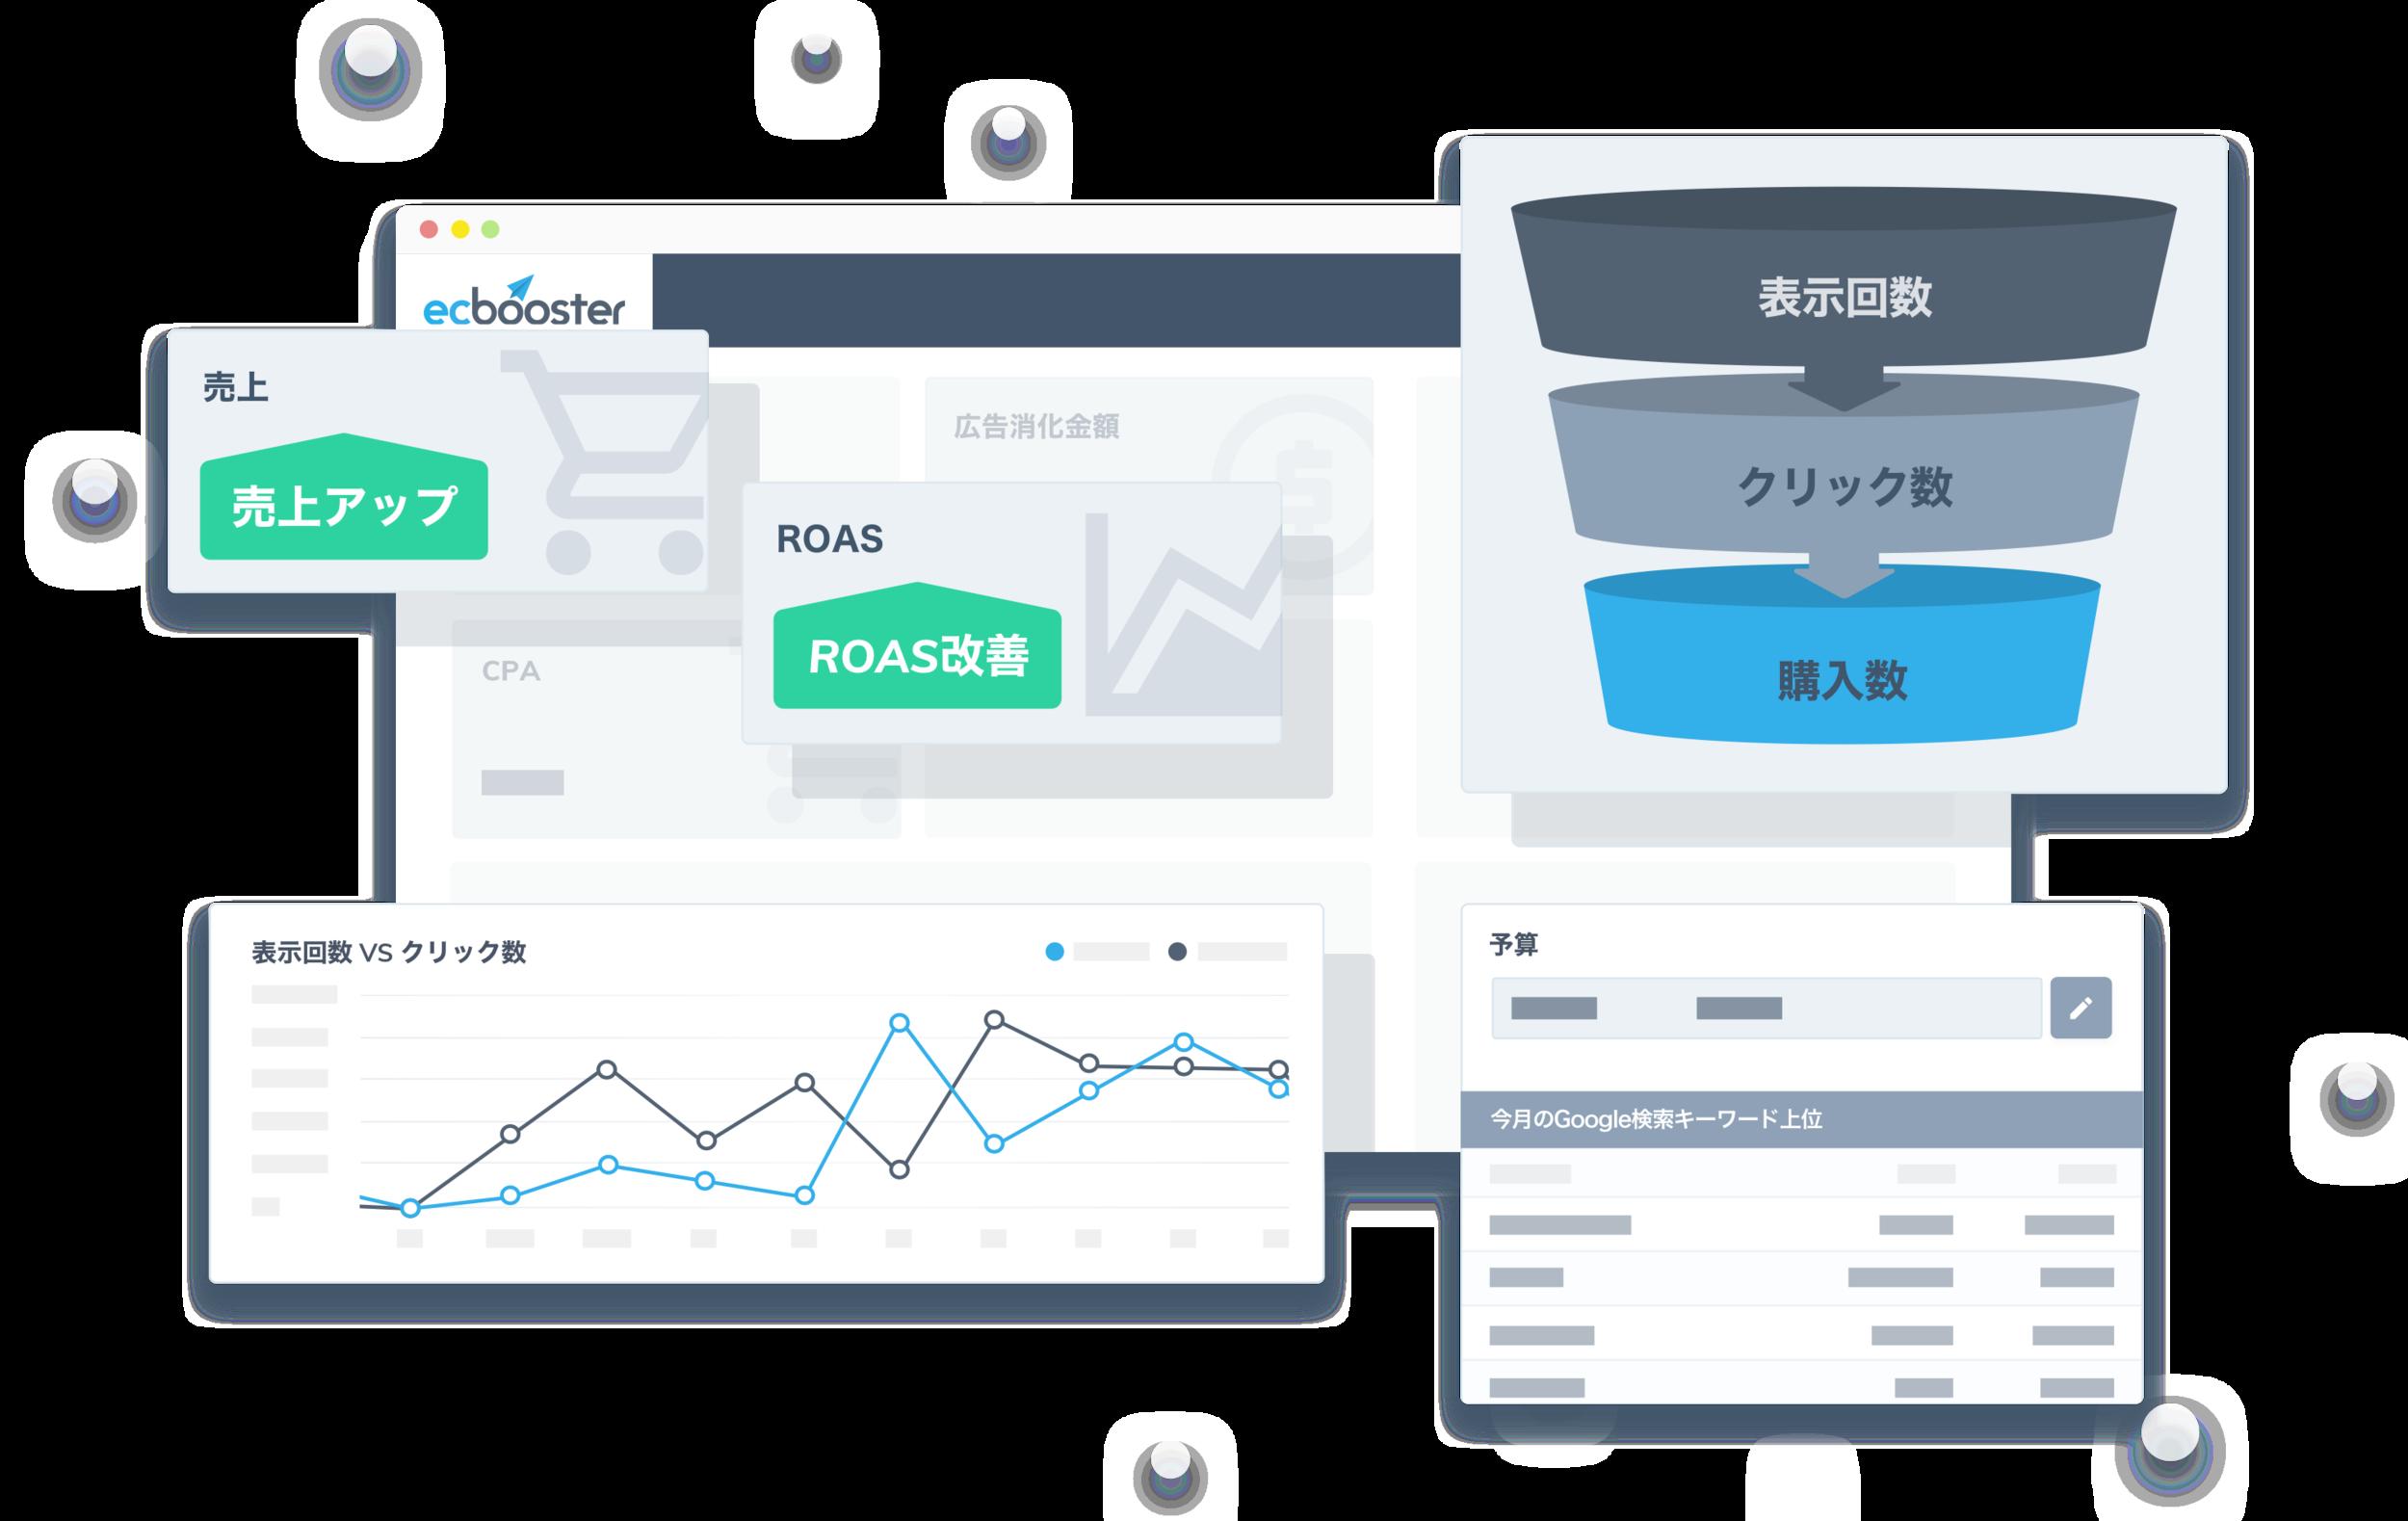 ひとめでわかるレポート - 重要な指標をギュッとまとめた直観的なレポート画面!広告結果に応じて、予算や配信ステータスはいつでも変更可能。